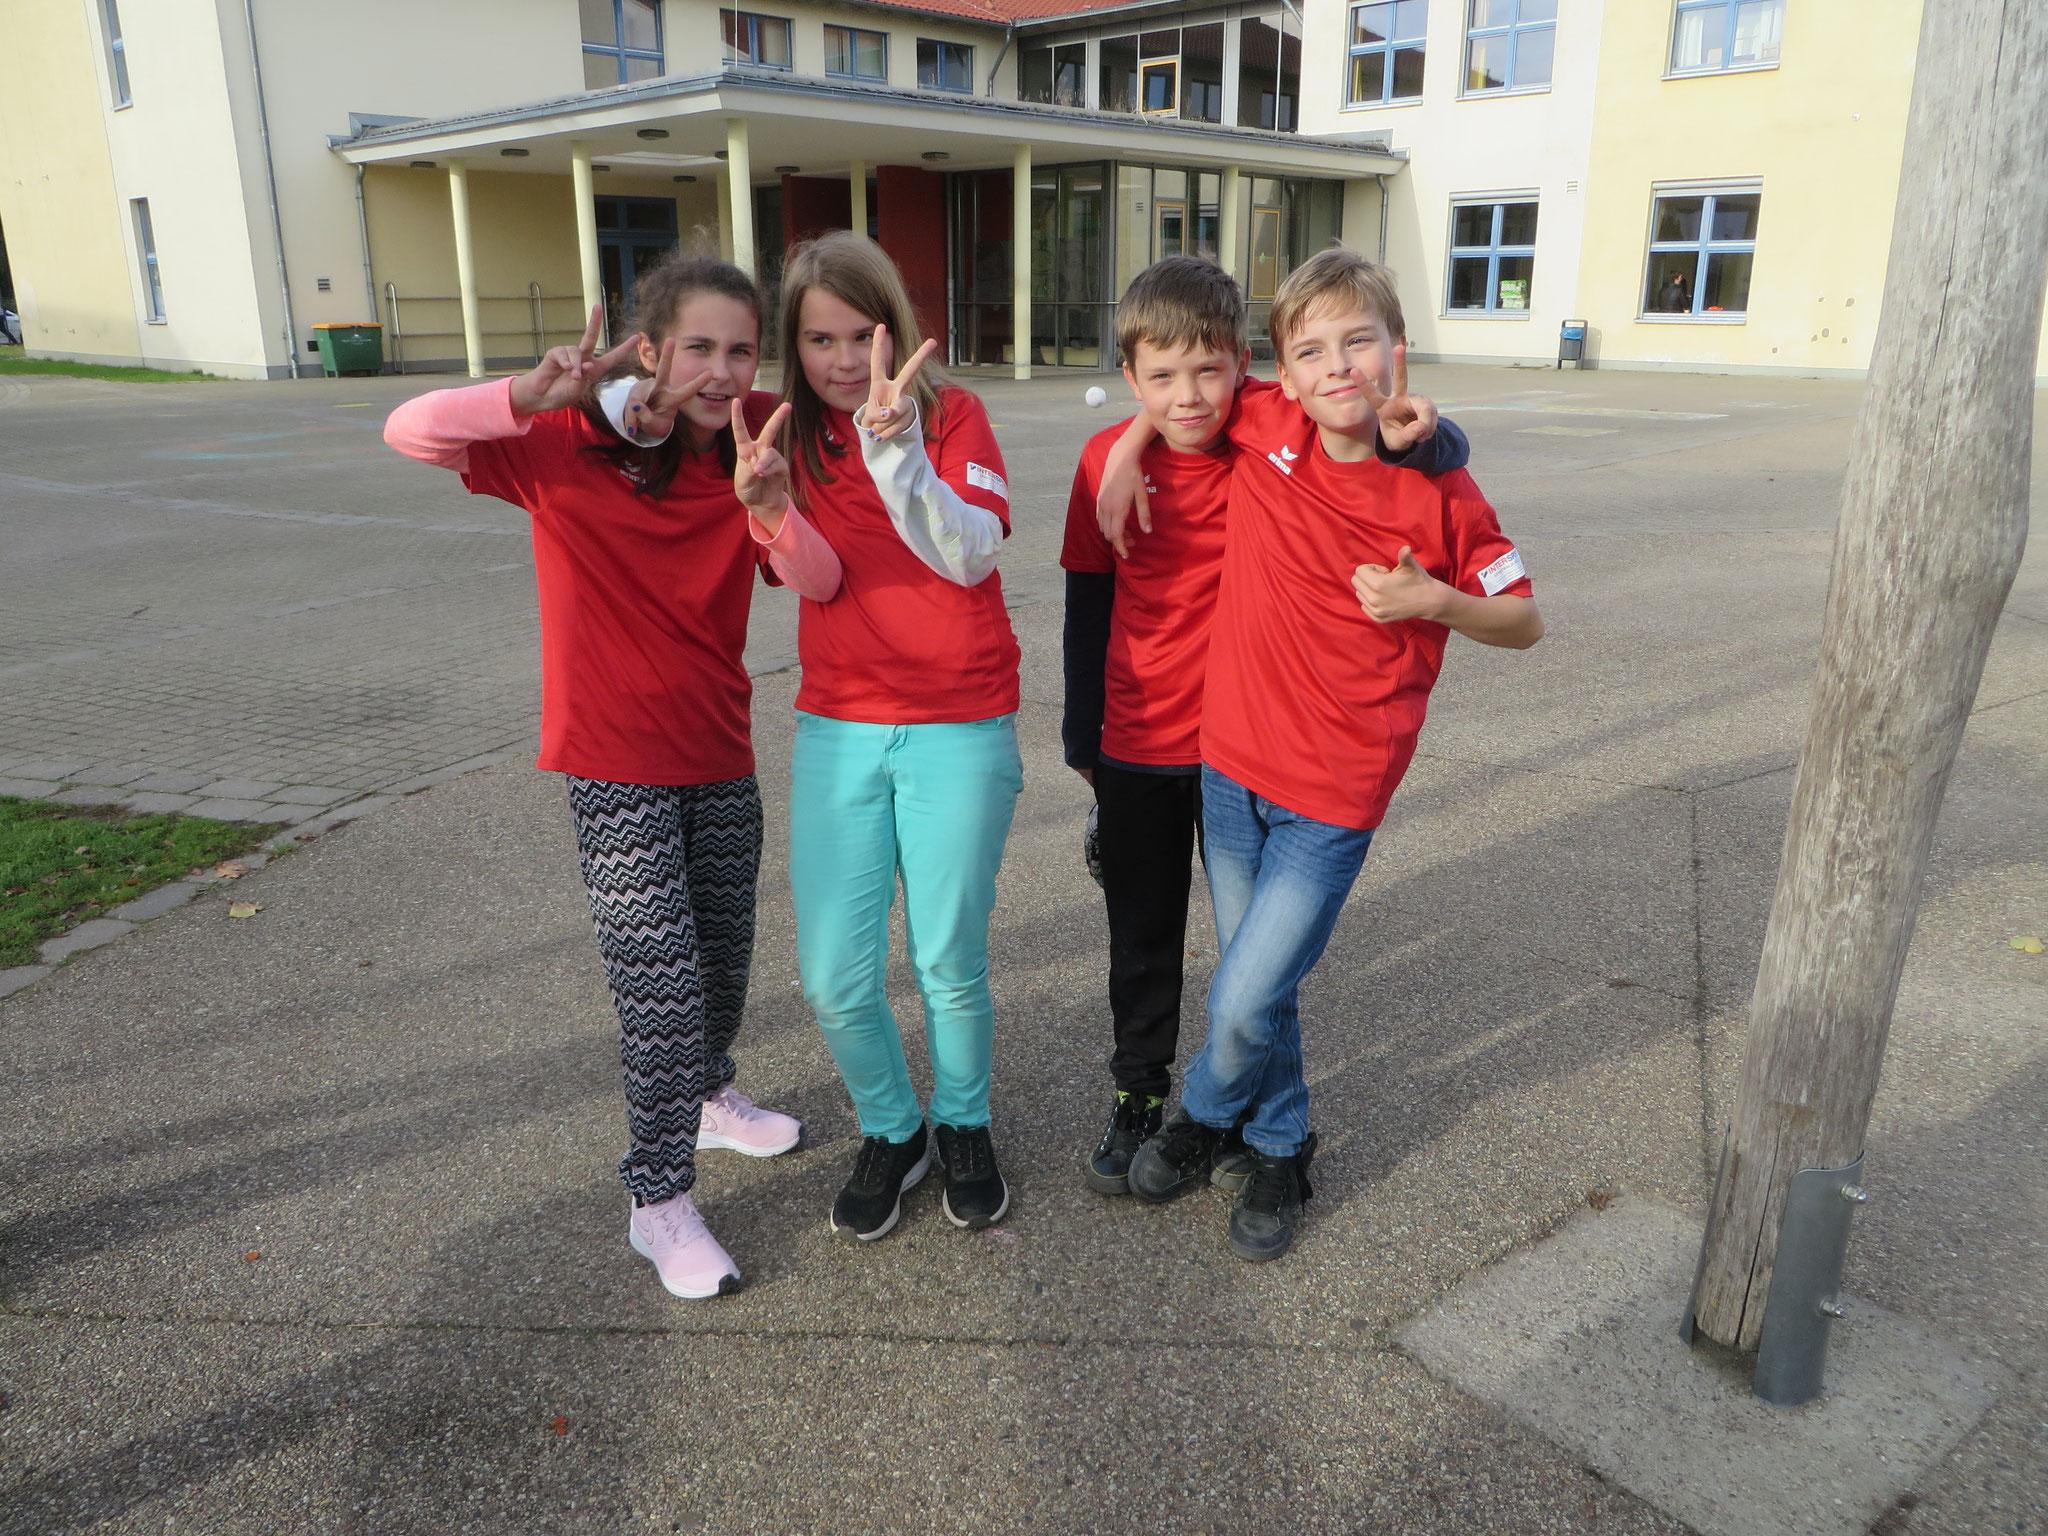 AK 2 : Mannschaftsfoto des Teams der Werner-Seelenbinder-GS II mit Mia, Zoe, Leon und Tony (v.l.n.r.)